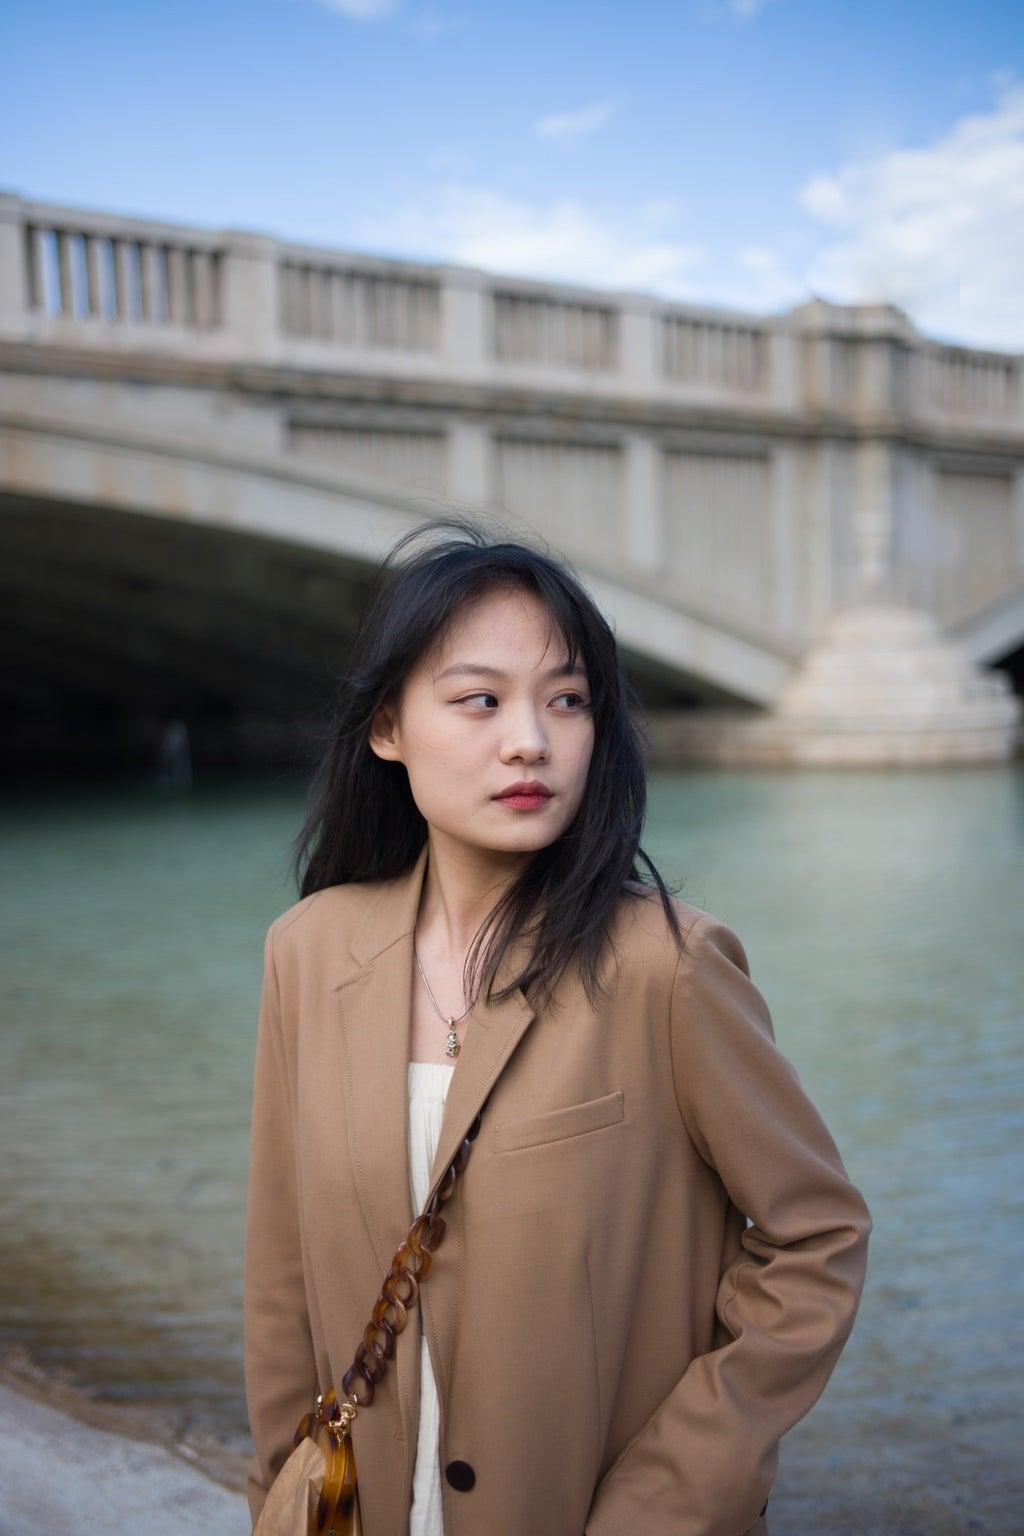 woman in blazer standing in front of bridge over river